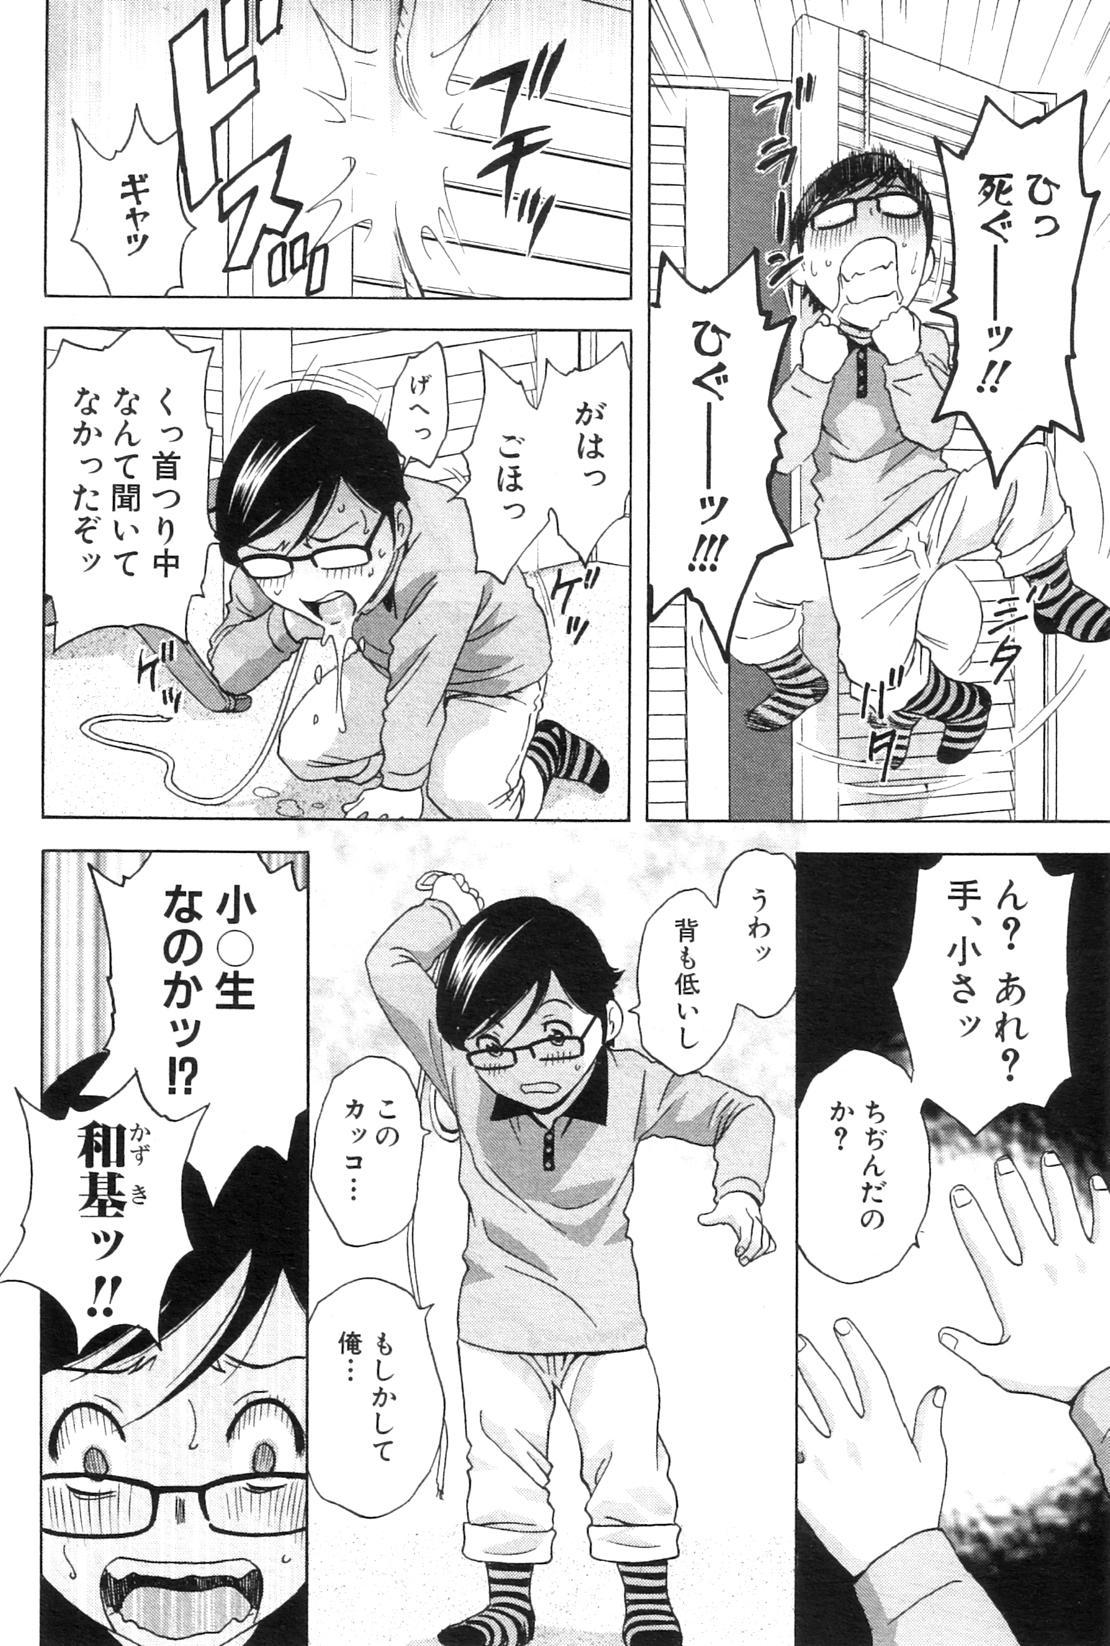 Kodomo ni Natte Okashi Makuru yo! Ch. 1-4 3